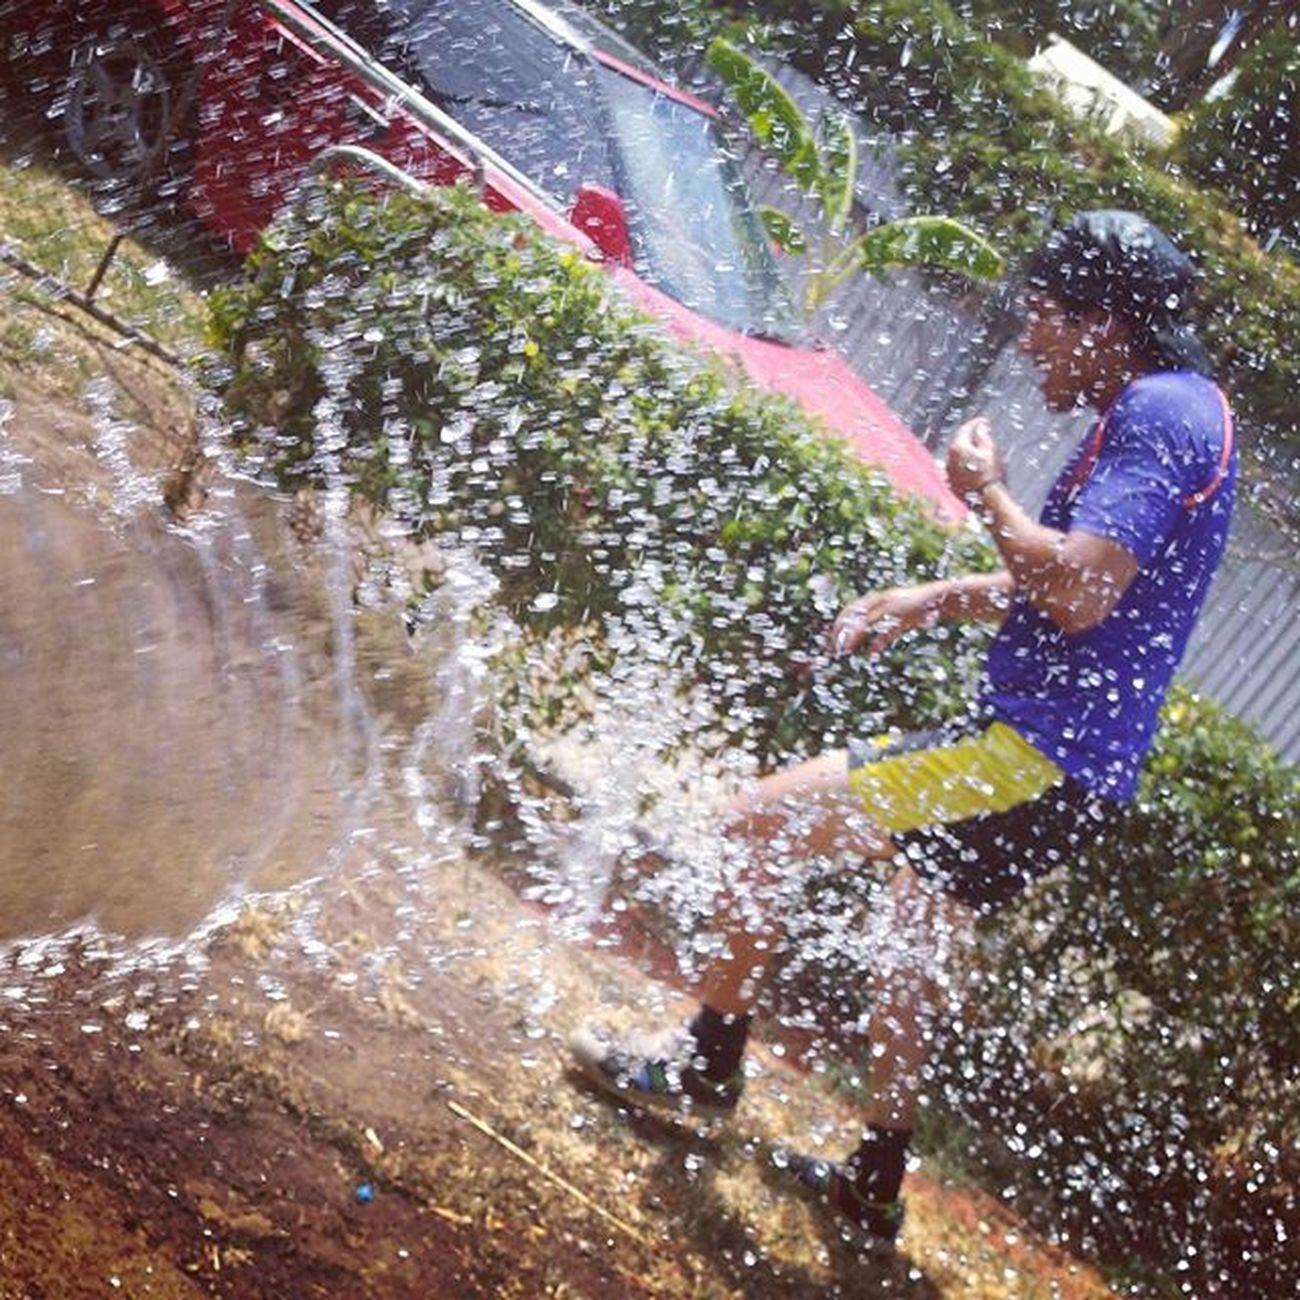 You cannot outrun me lovey hahahaha!!! 😂😂😂 💪Aussiesummer Paybacktime Targetgetsback Australiaday2016 Waterfight Bigkidswithkids Keepingupwithmem